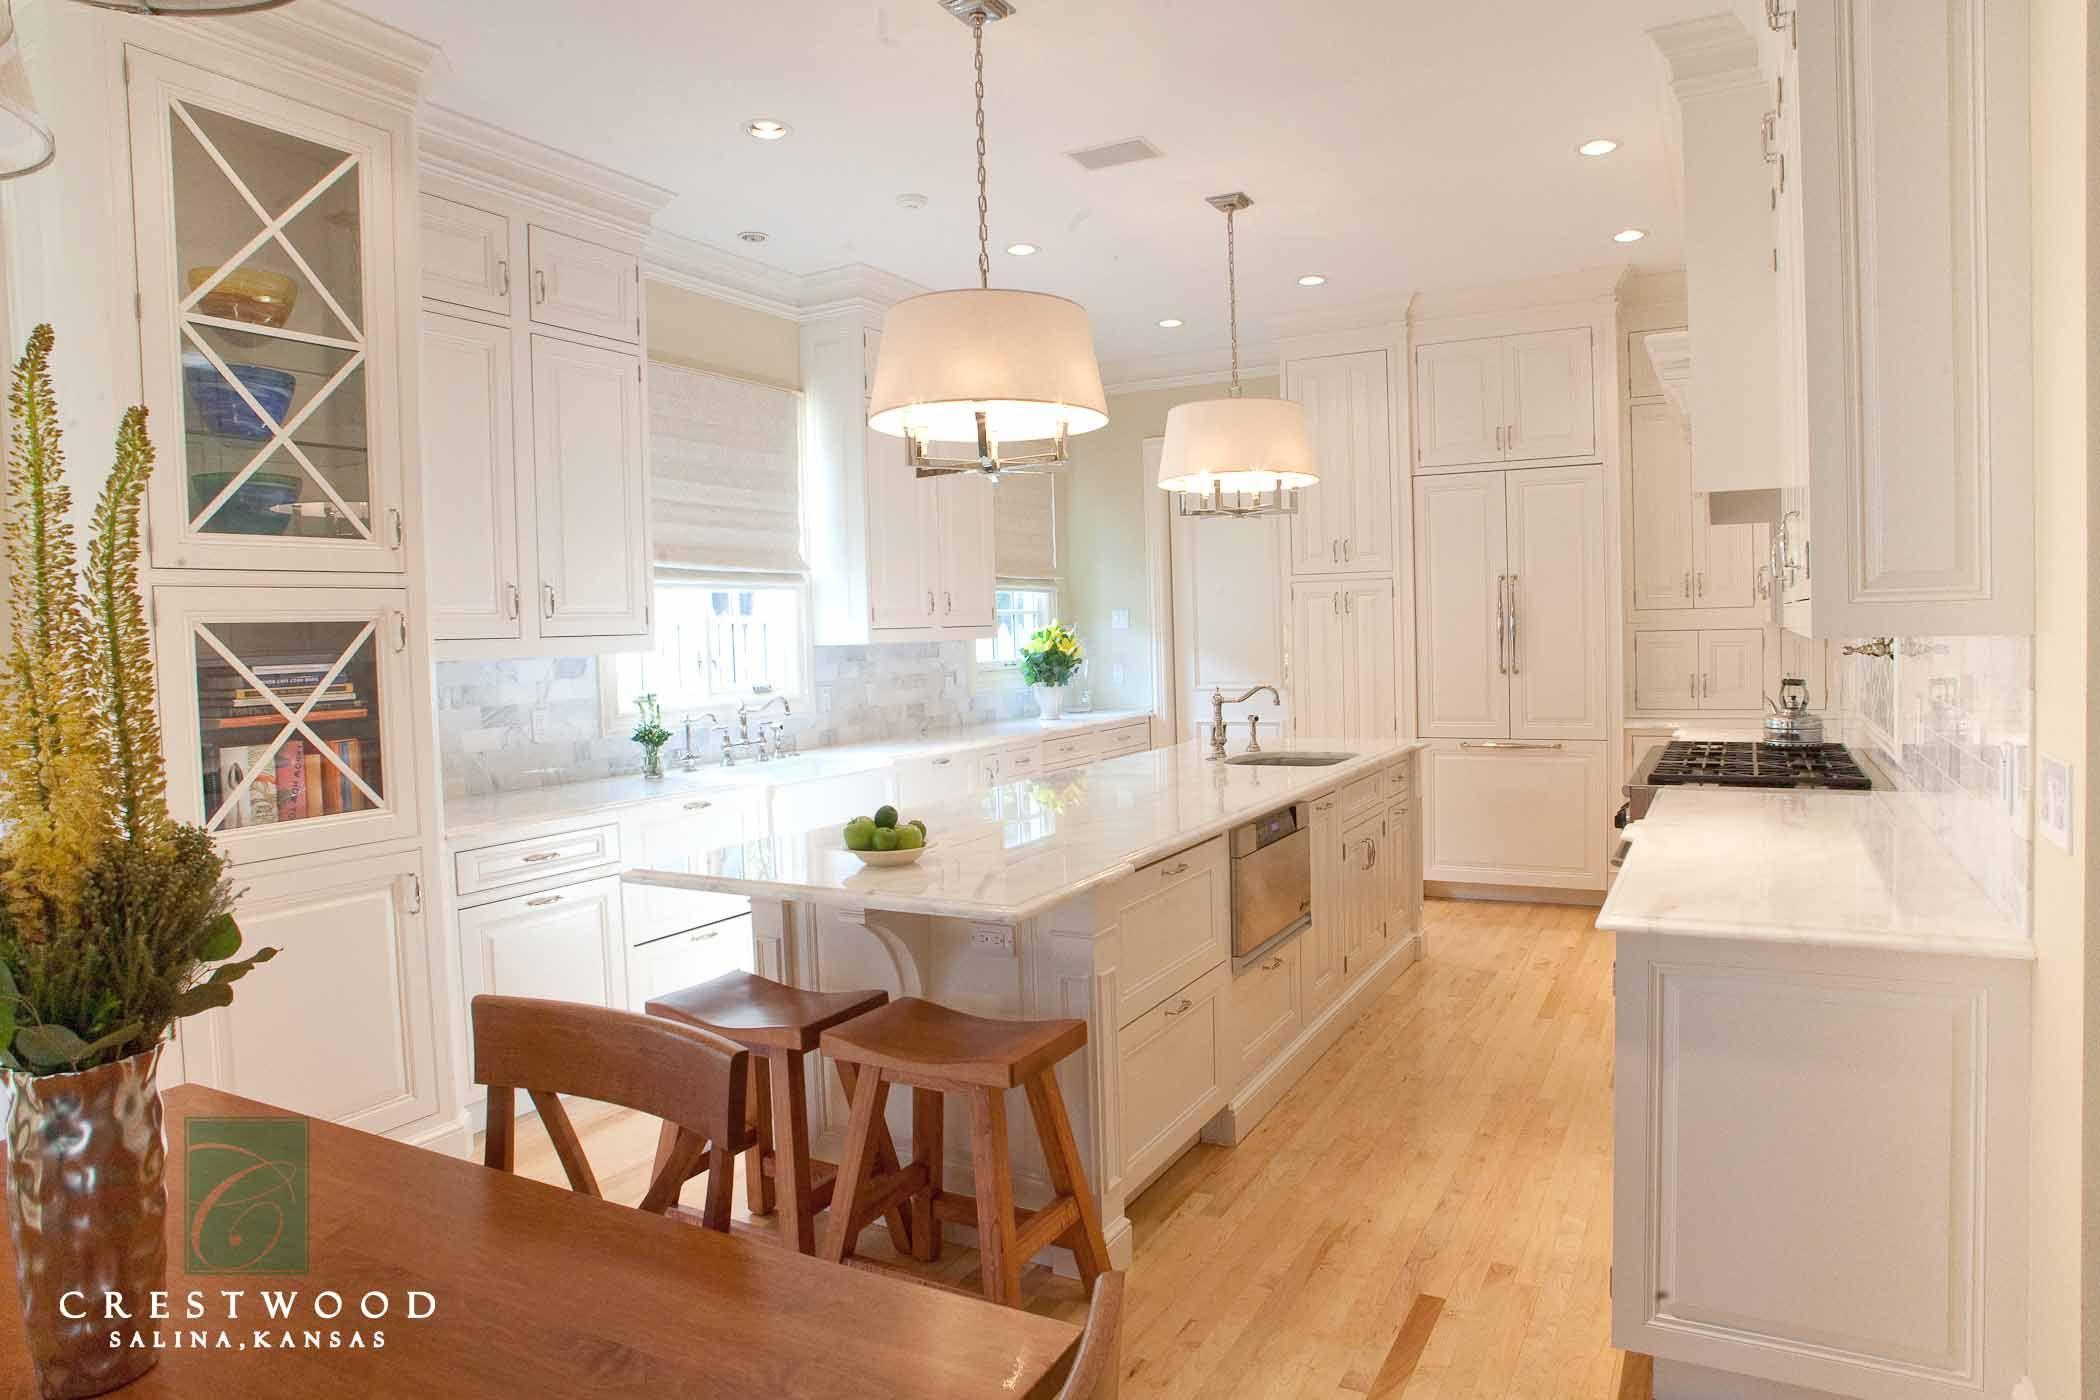 Blog | Denver Kitchen Design, Remodeling & Cabinets | The Kitchen ...